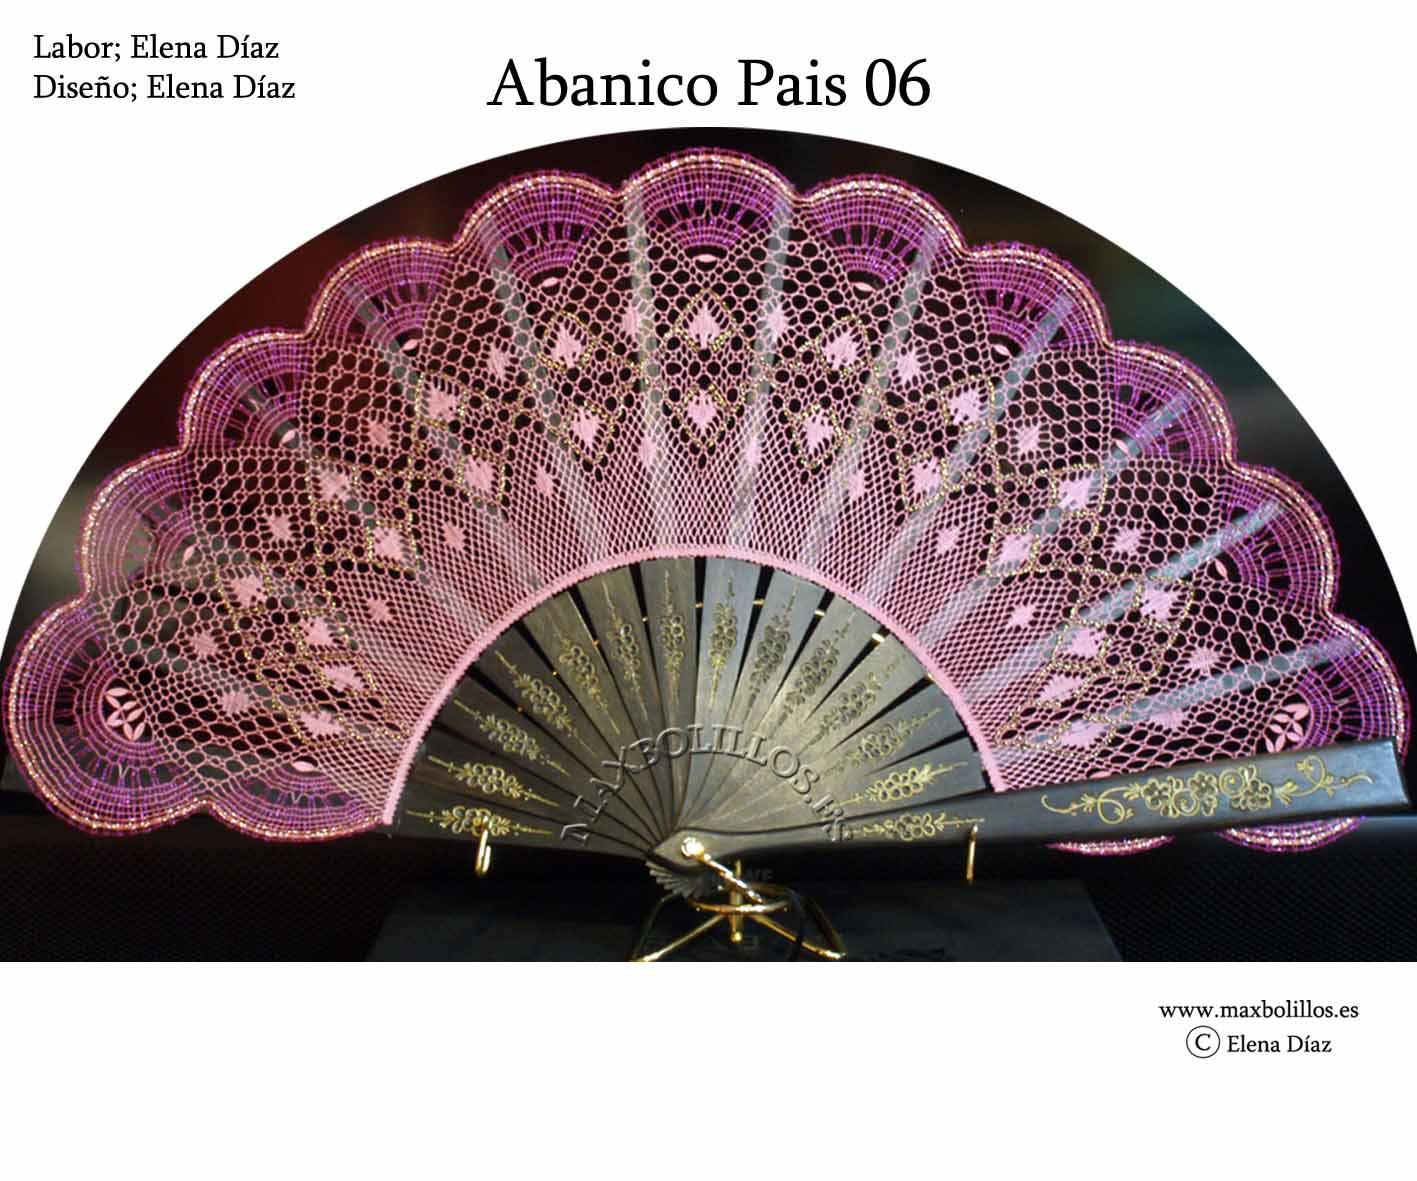 Abanico%2006.jpg